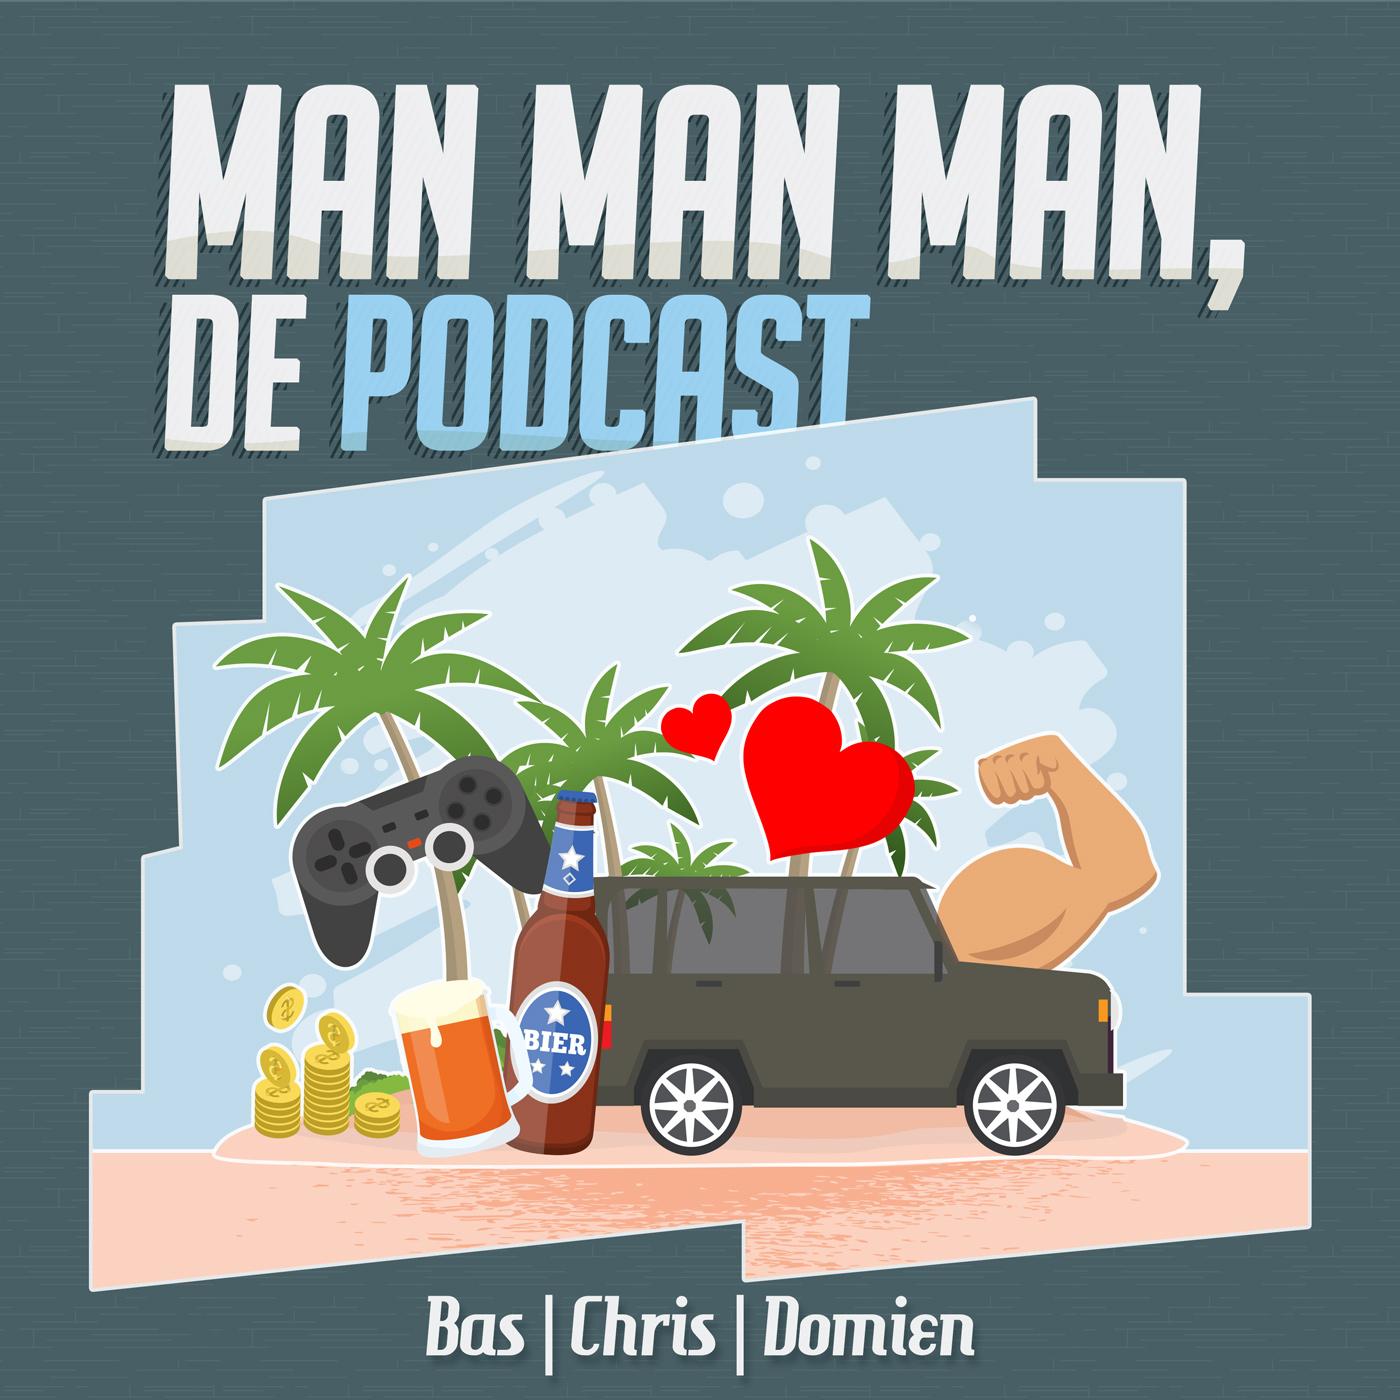 12. Man man man - Bas Louissen, Chris Bergström, Domien Verschuuren